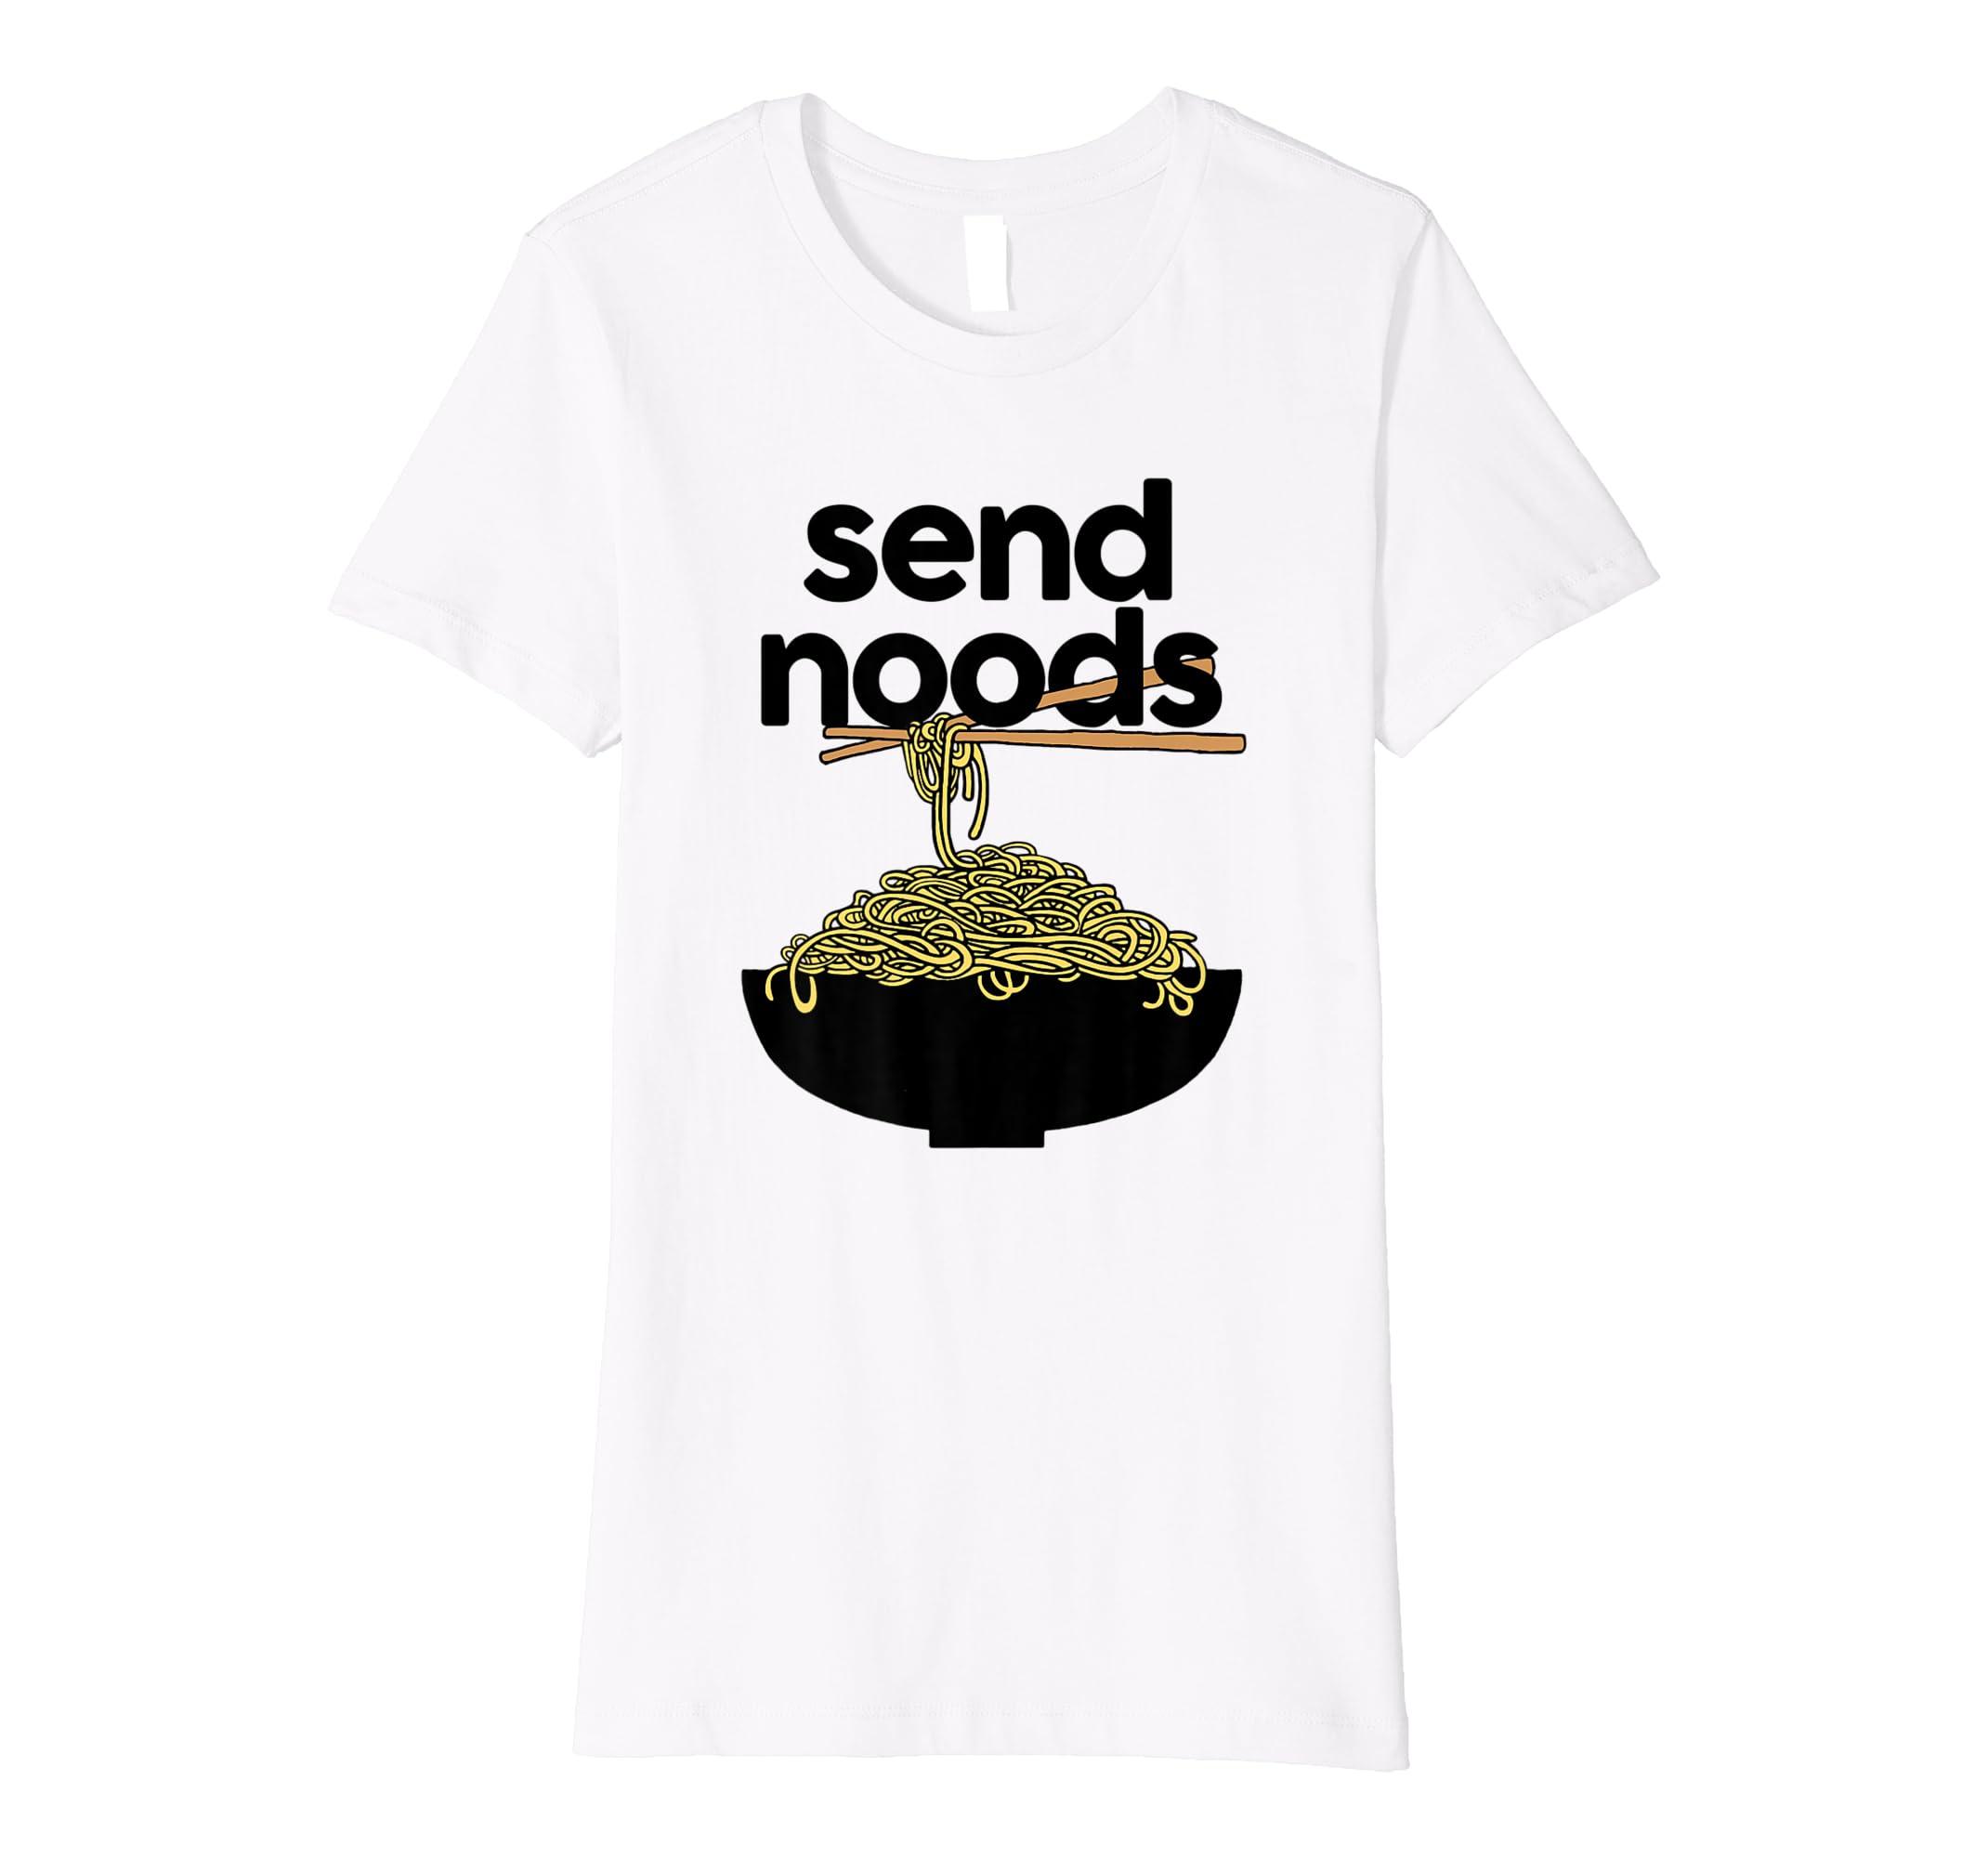 913e6de6 Send Noods T-shirt (Just gonna send it shirt): Amazon.co.uk: Clothing